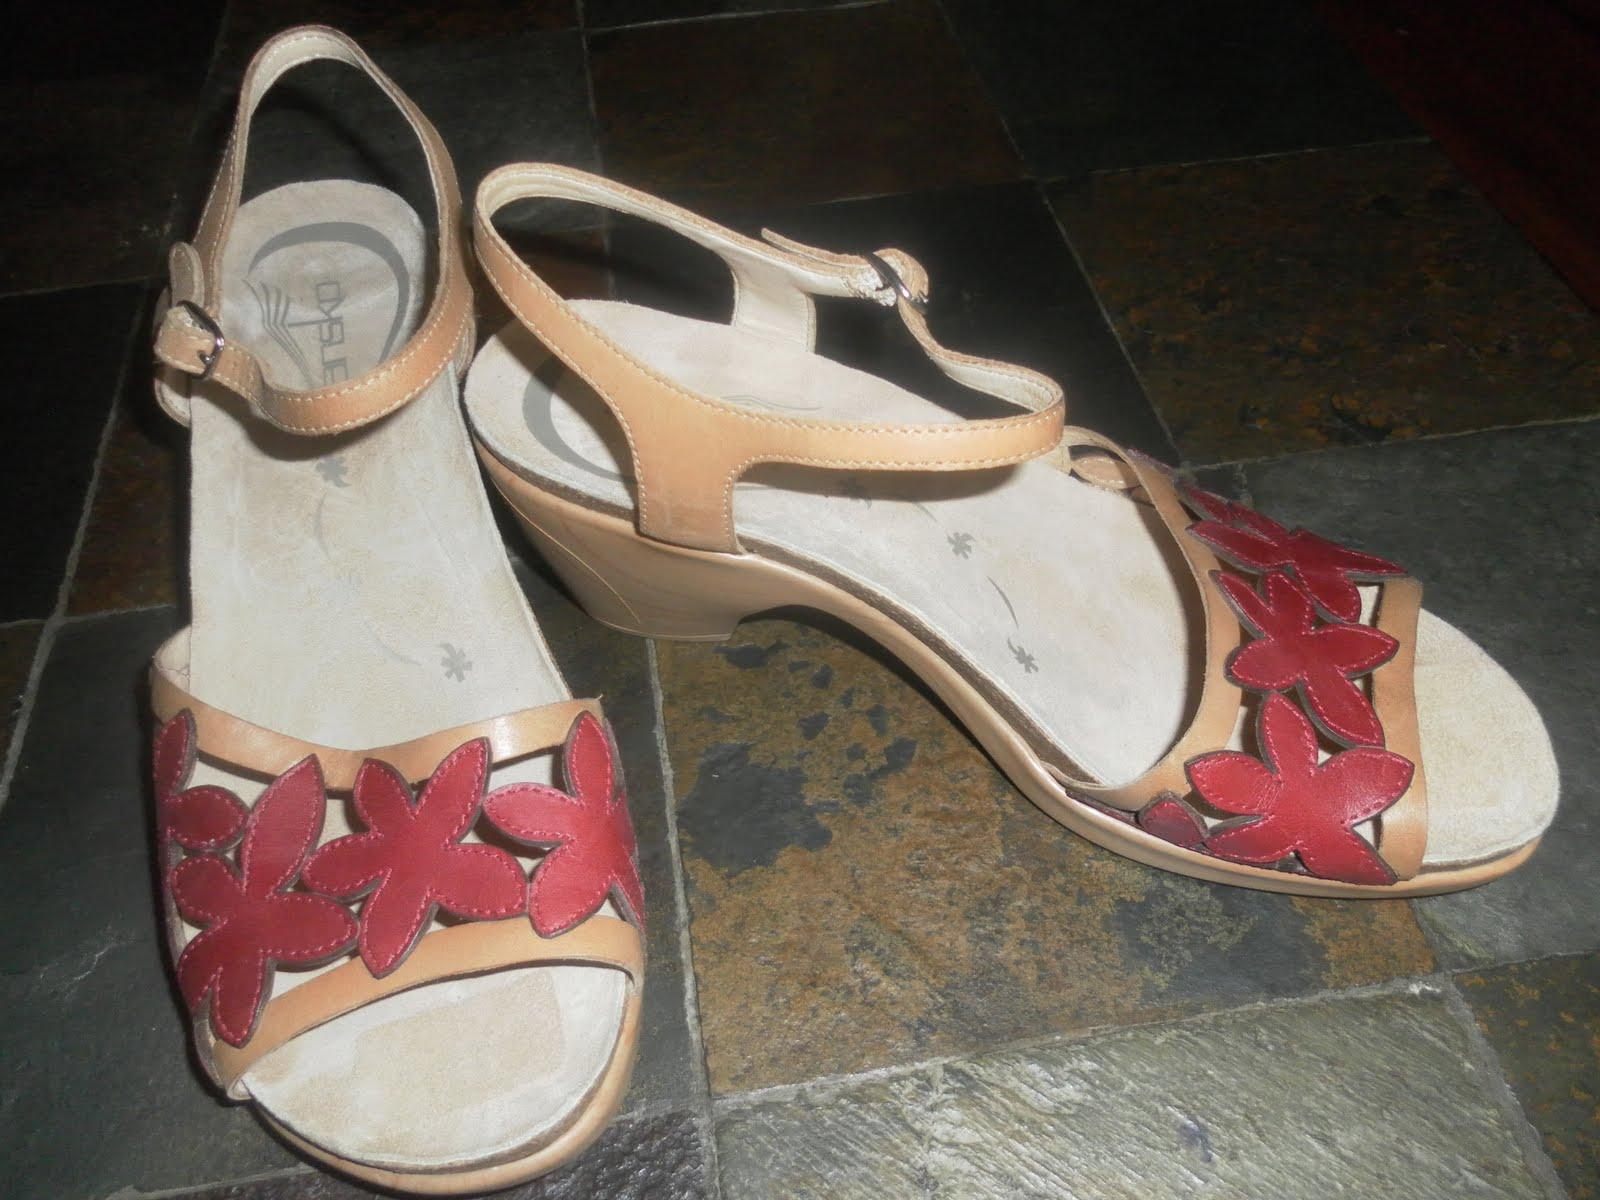 Dansko Shoes Jennersville Pa